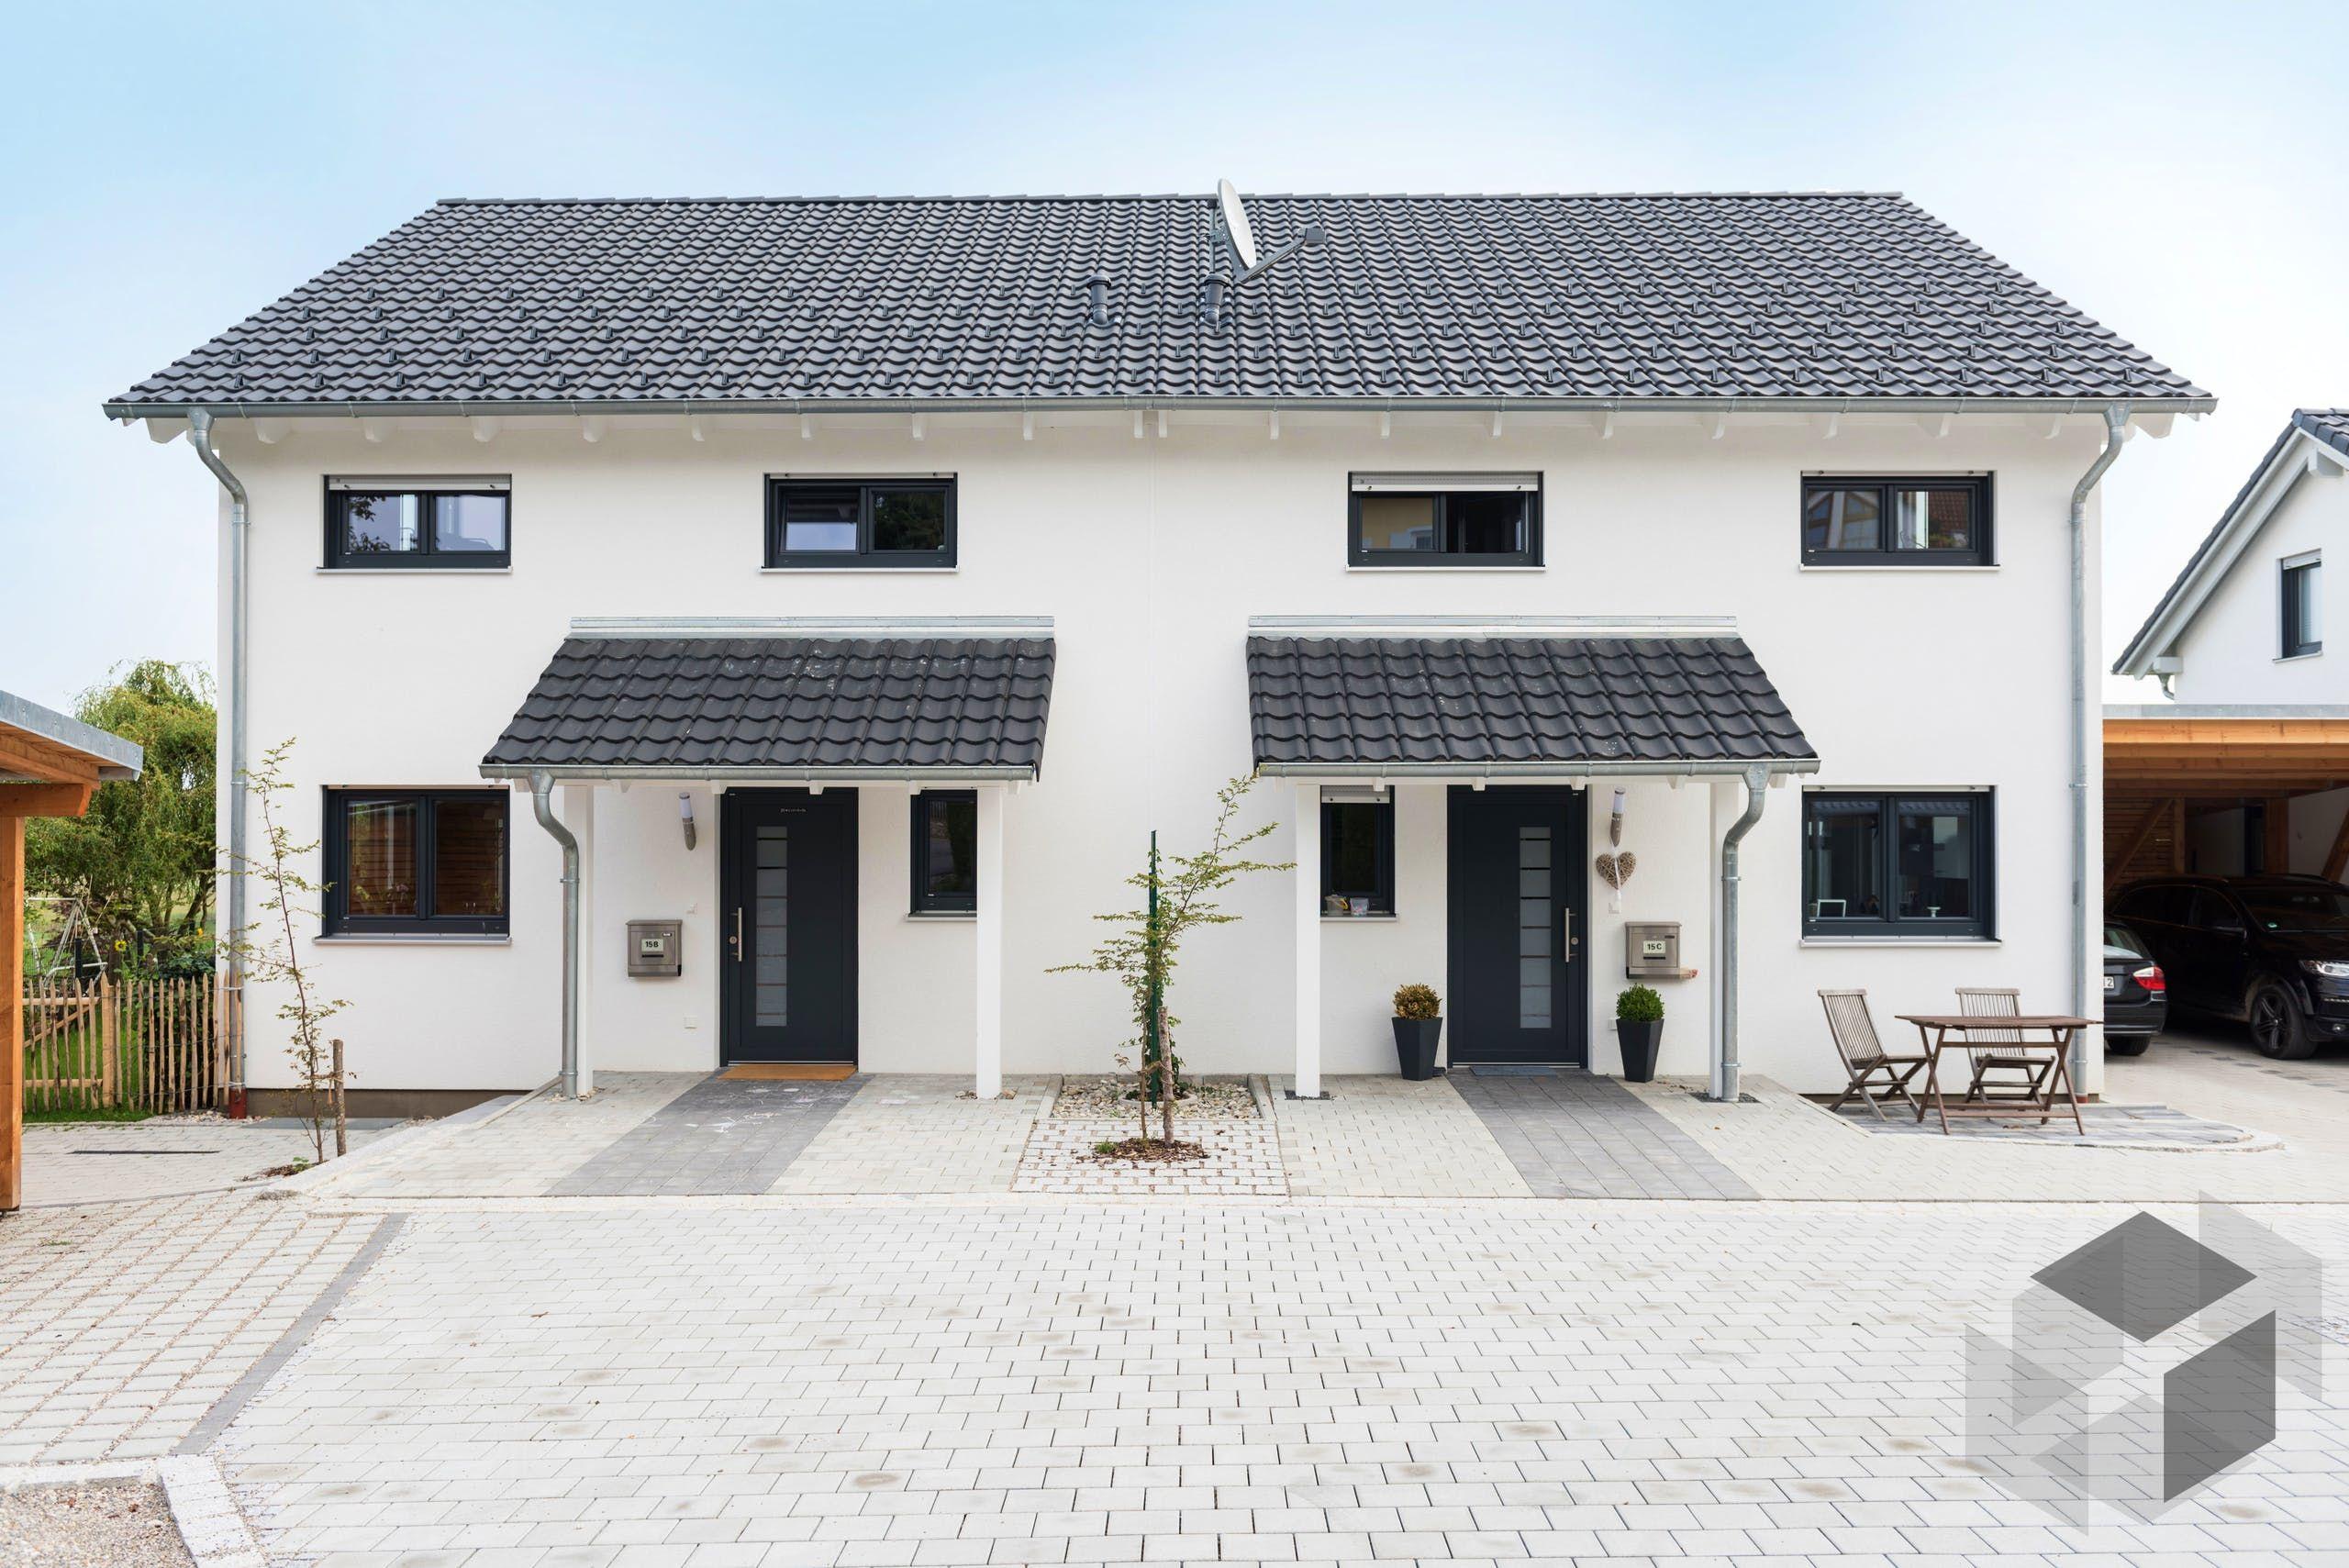 Doppelhaus 'Fürstenfeldbruck' von Wolf System Alle Infos